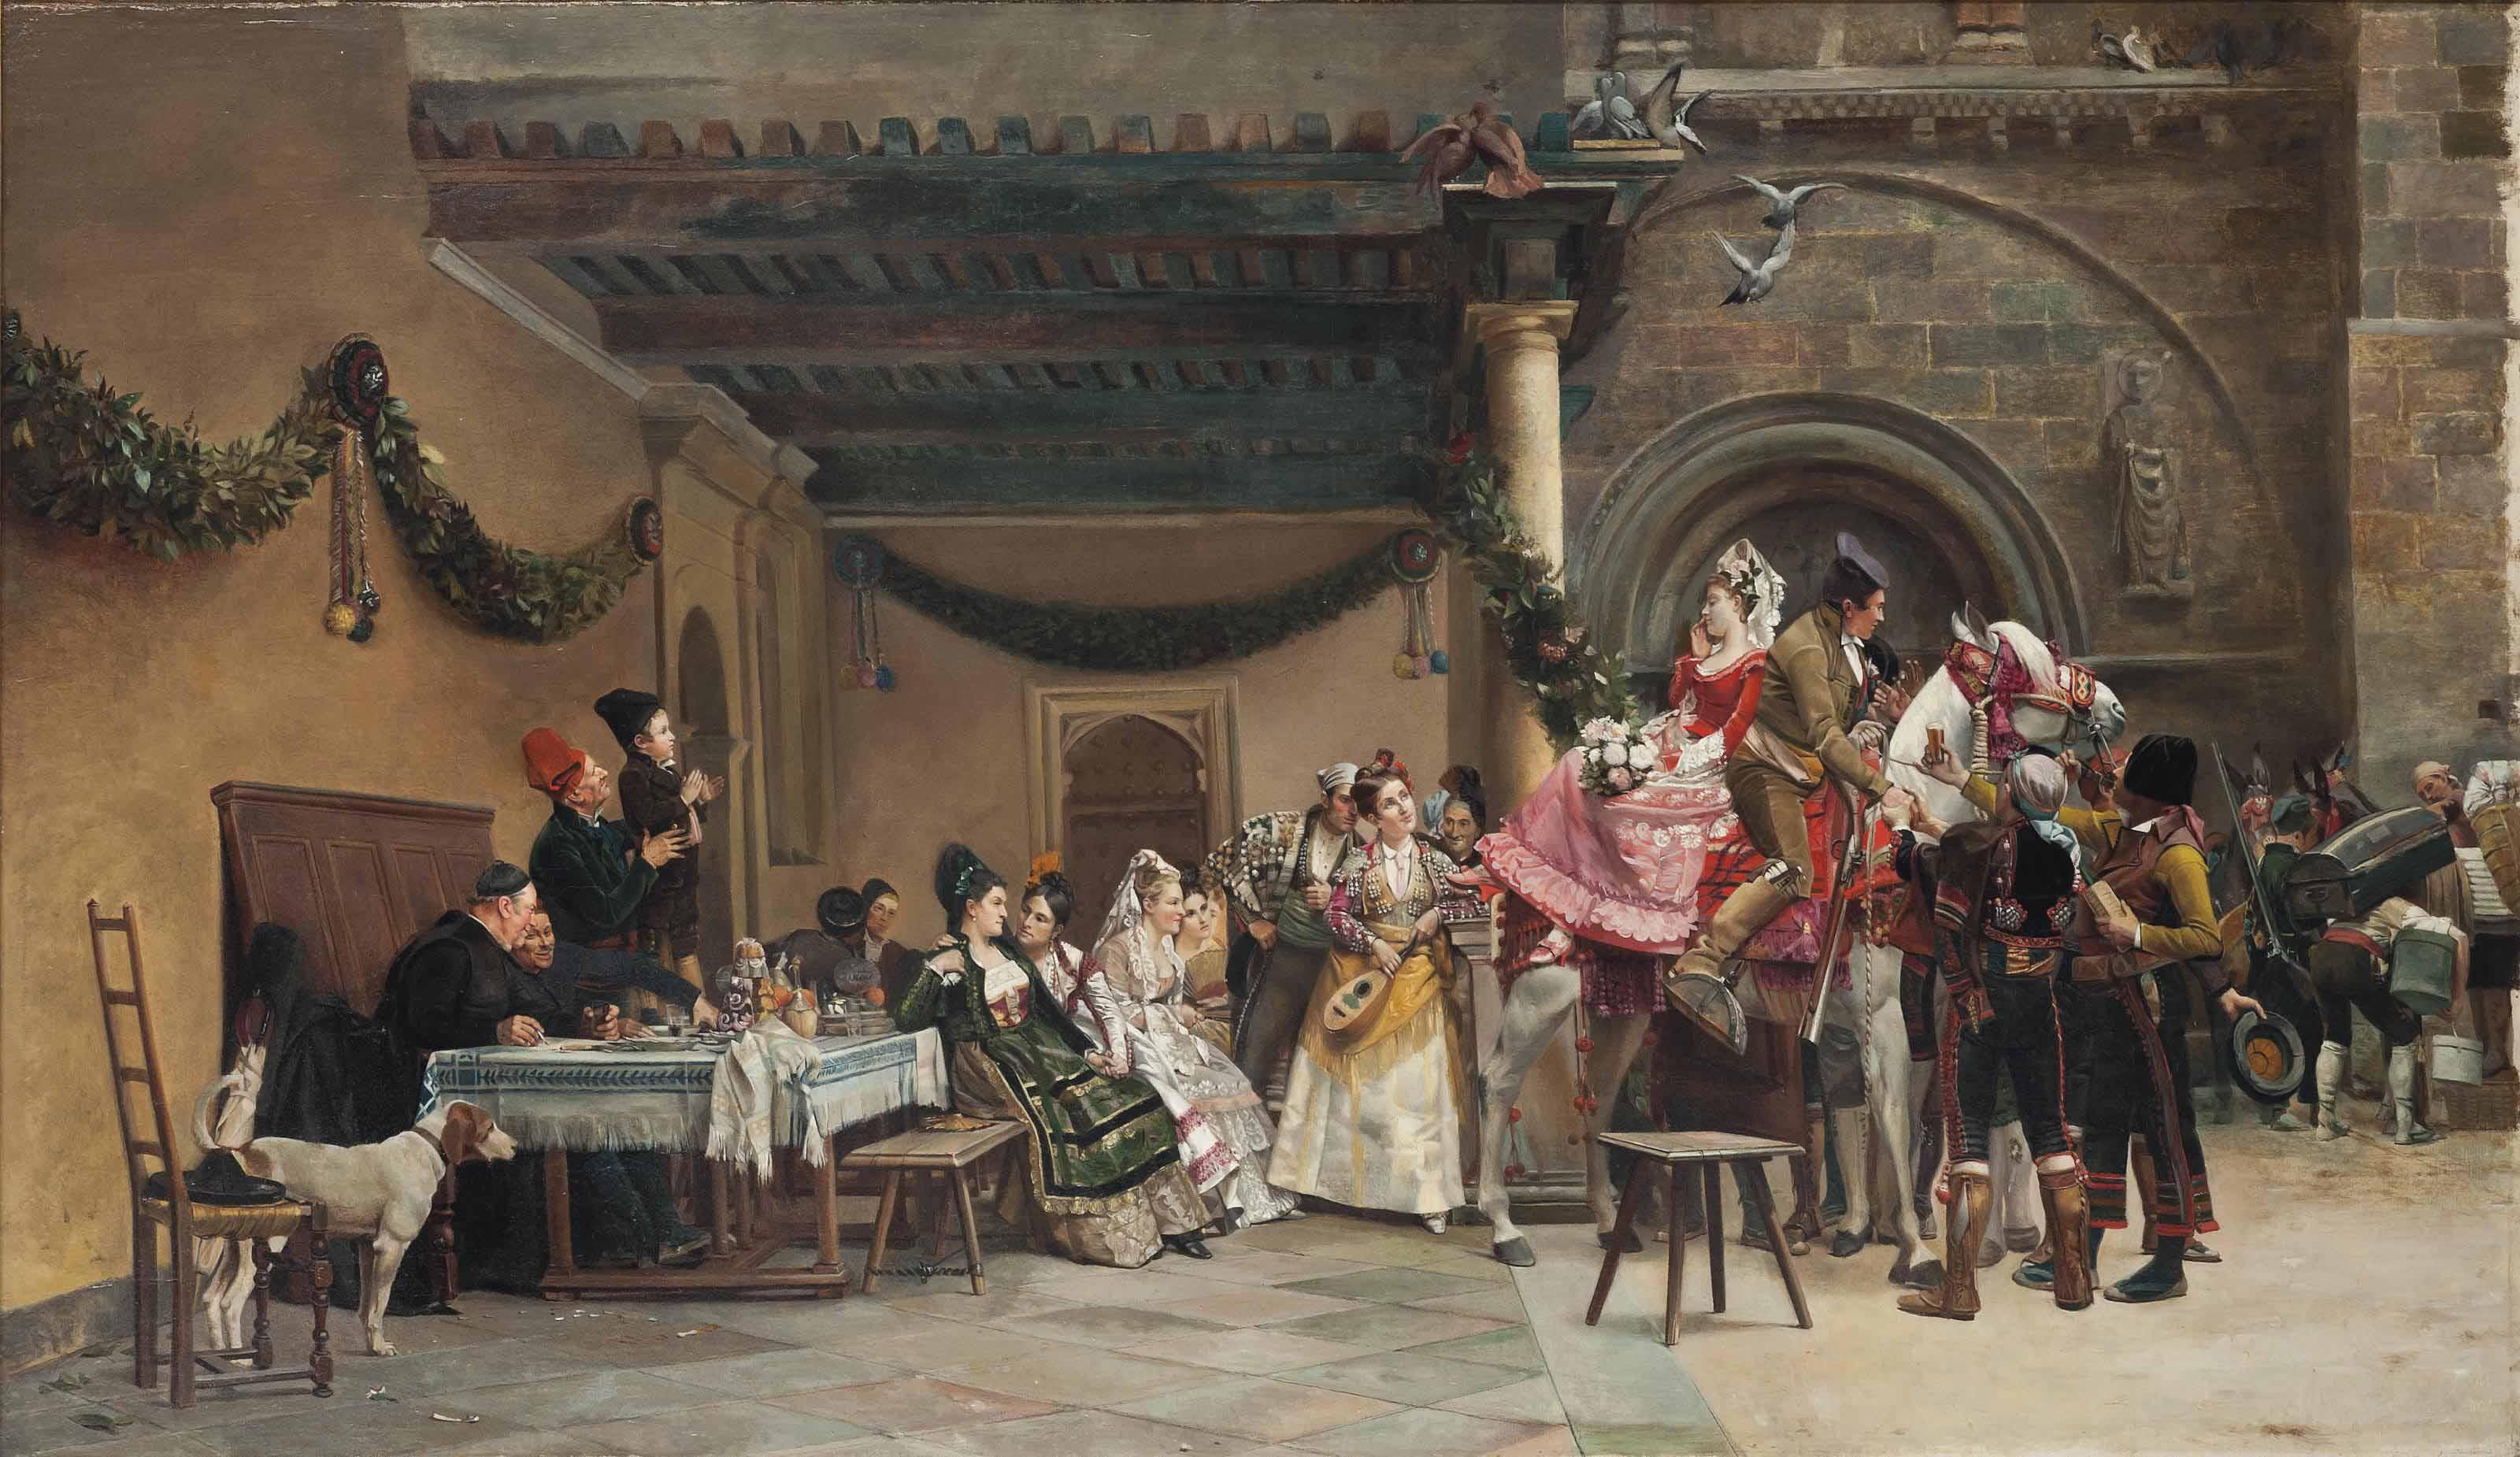 Le départ des mariés, Espagne